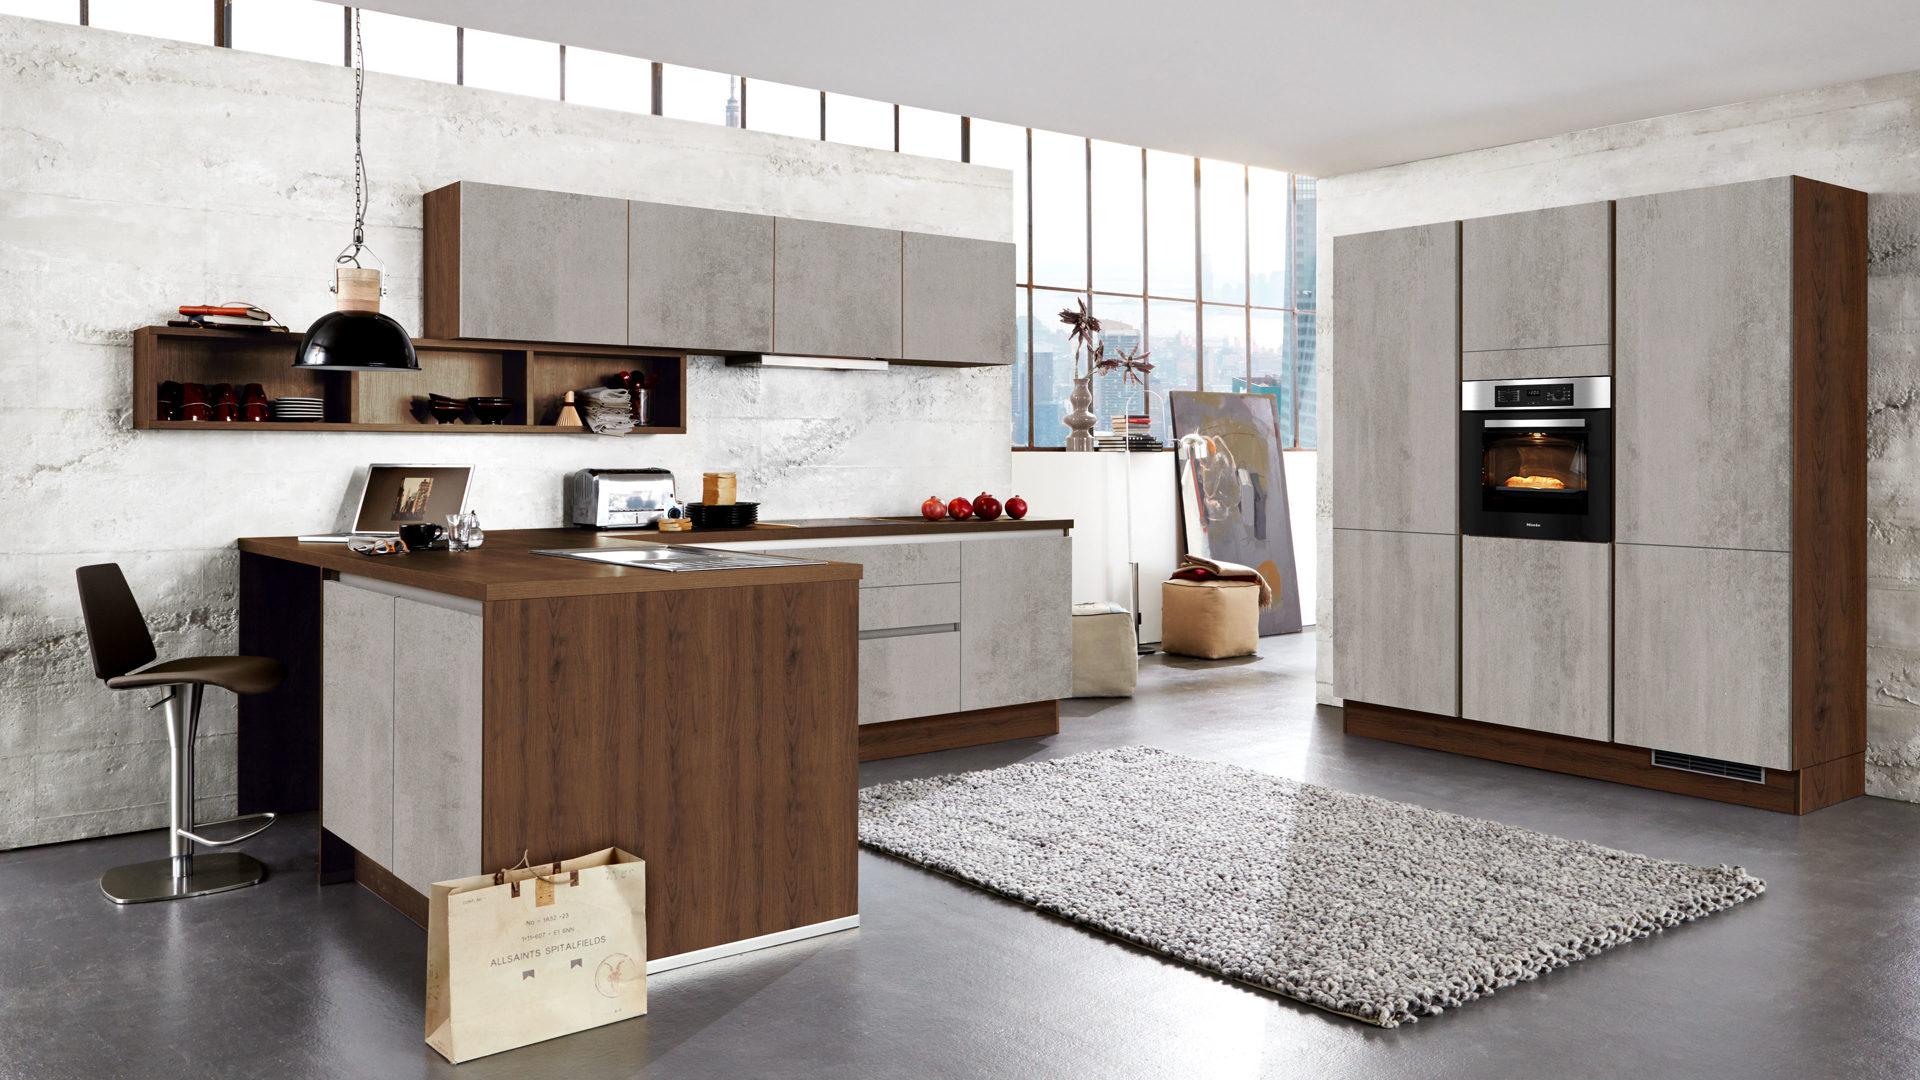 Culineo Küche mit SIEMENS Einbaugeräten, Beton perlgraue & dolomitfarbene  Kunststoffoberflächen, dolomitfarbene Arbeitsplatte